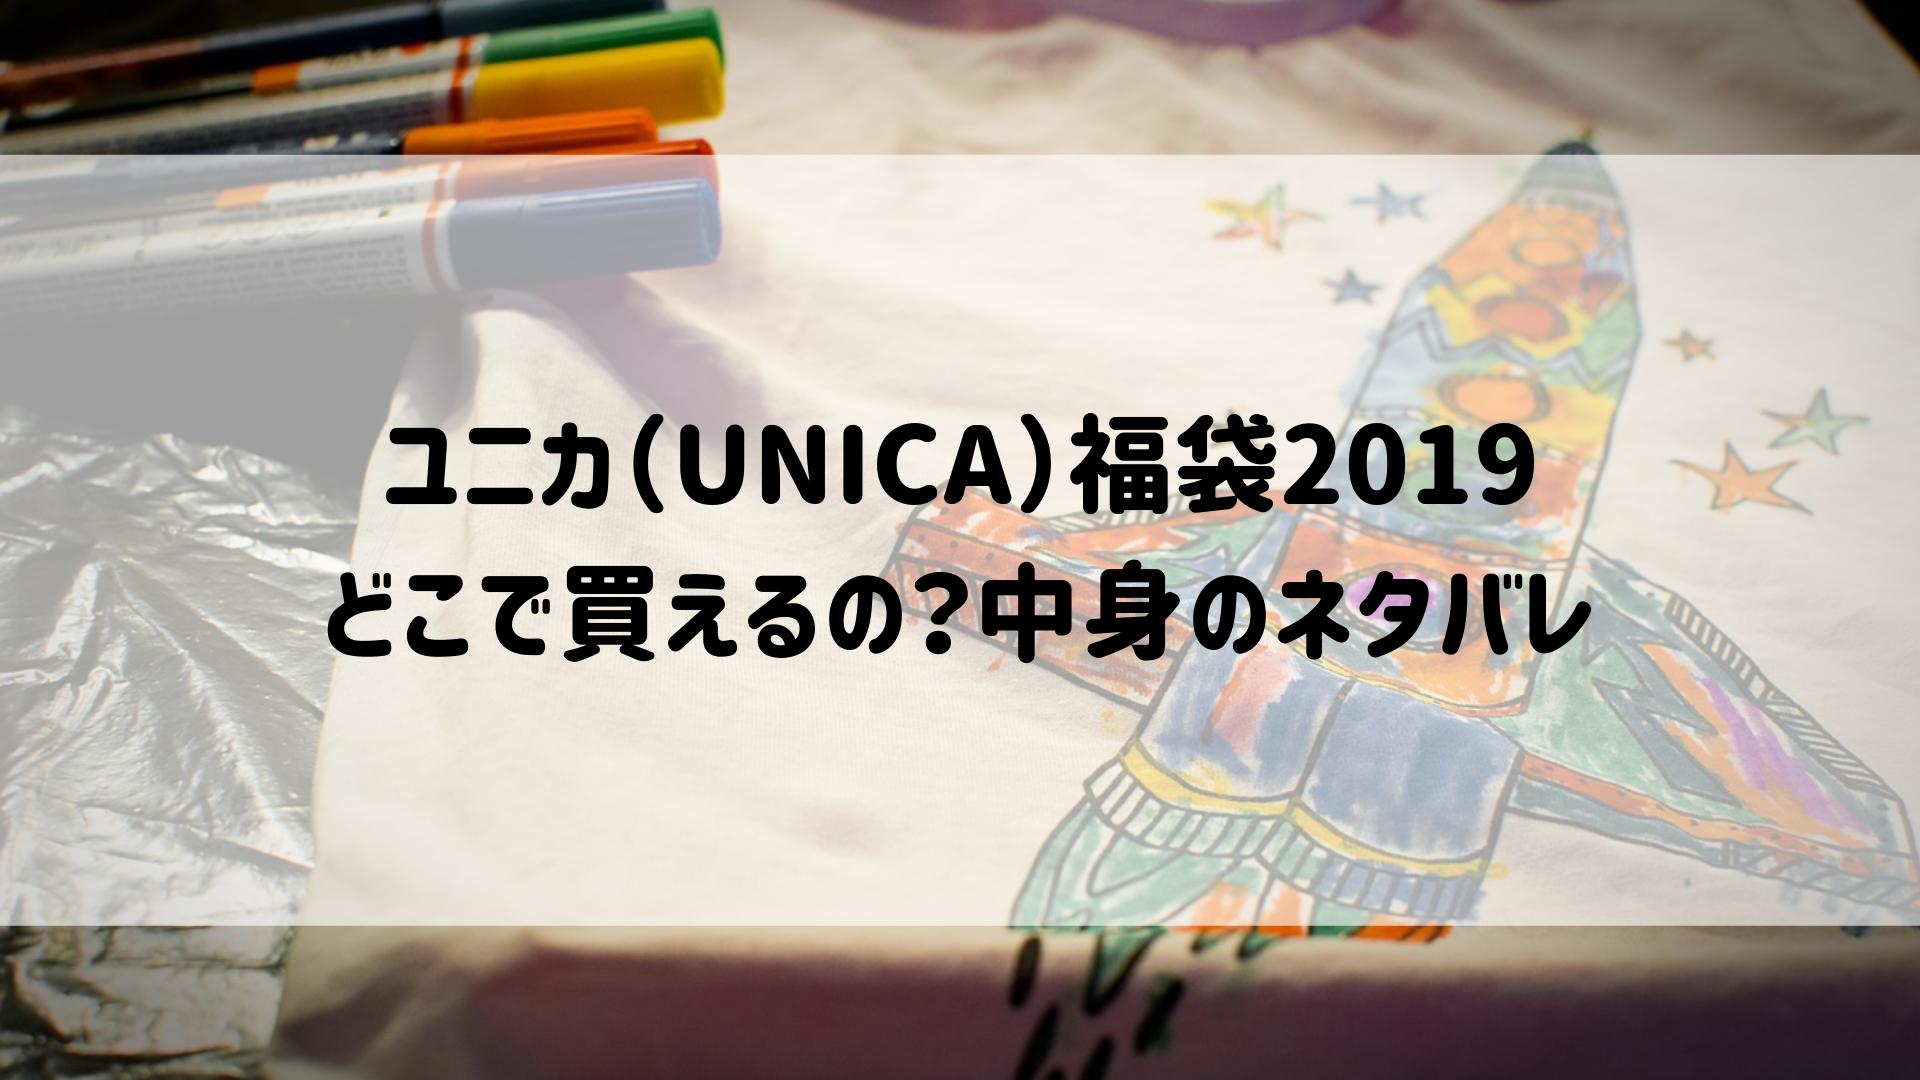 ユニカ(UNICA)福袋2019 どこで買えるの?中身のネタバレ